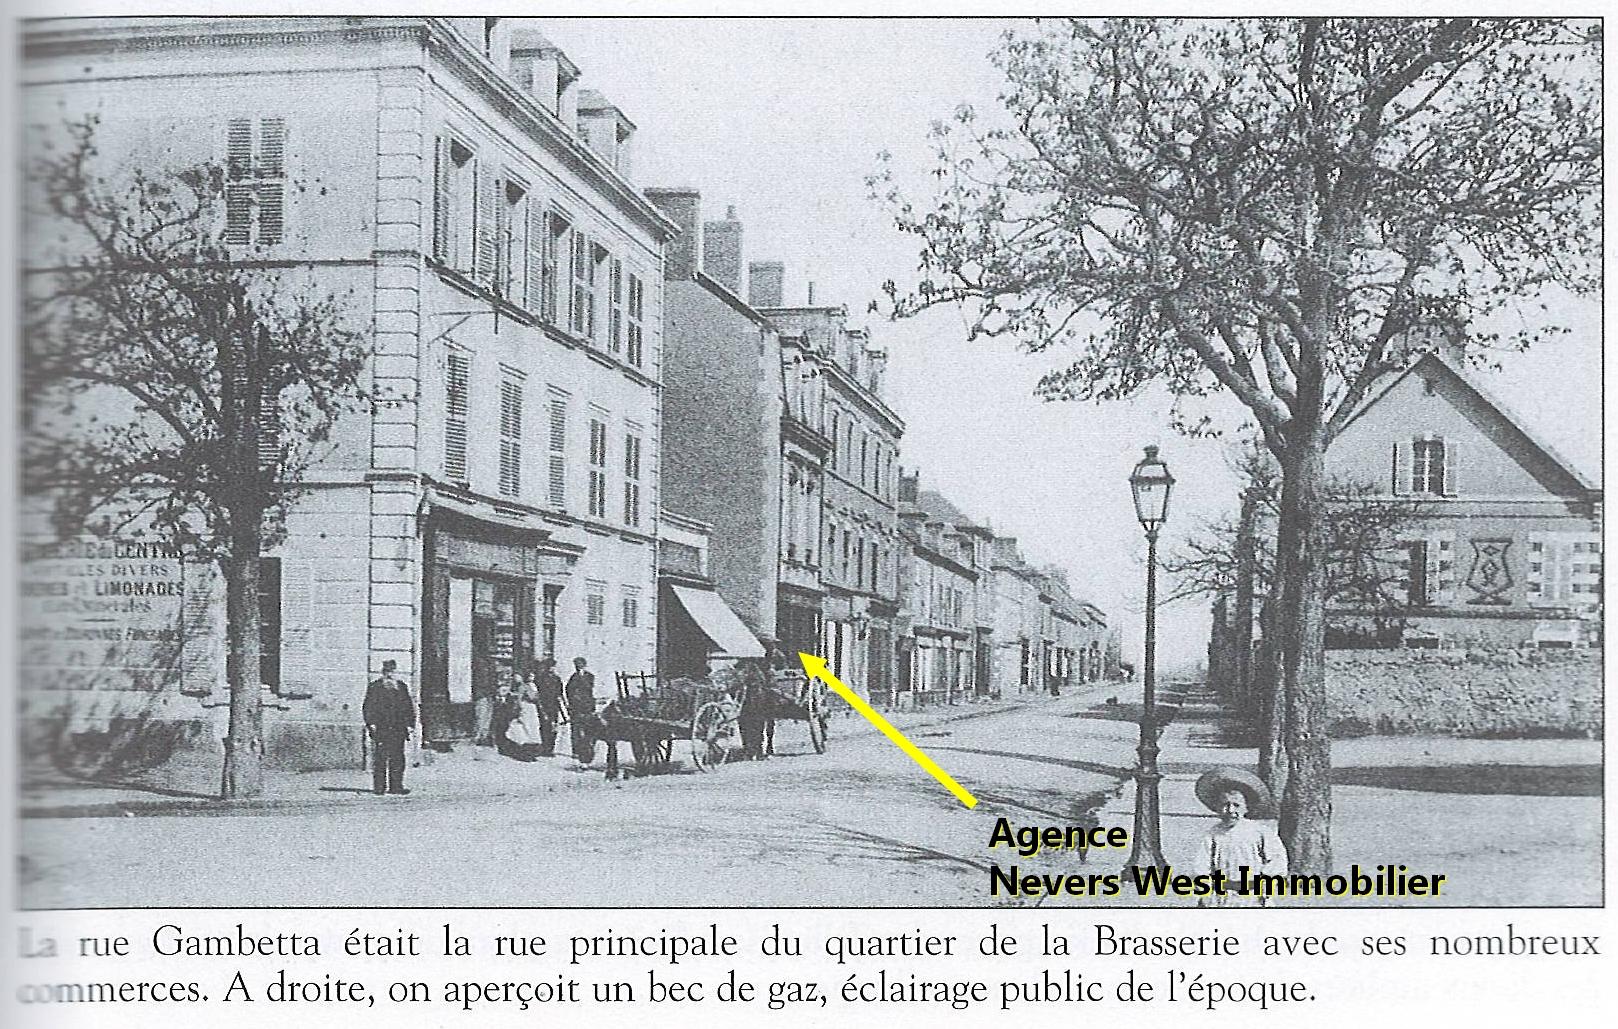 nevers west rue gambetta